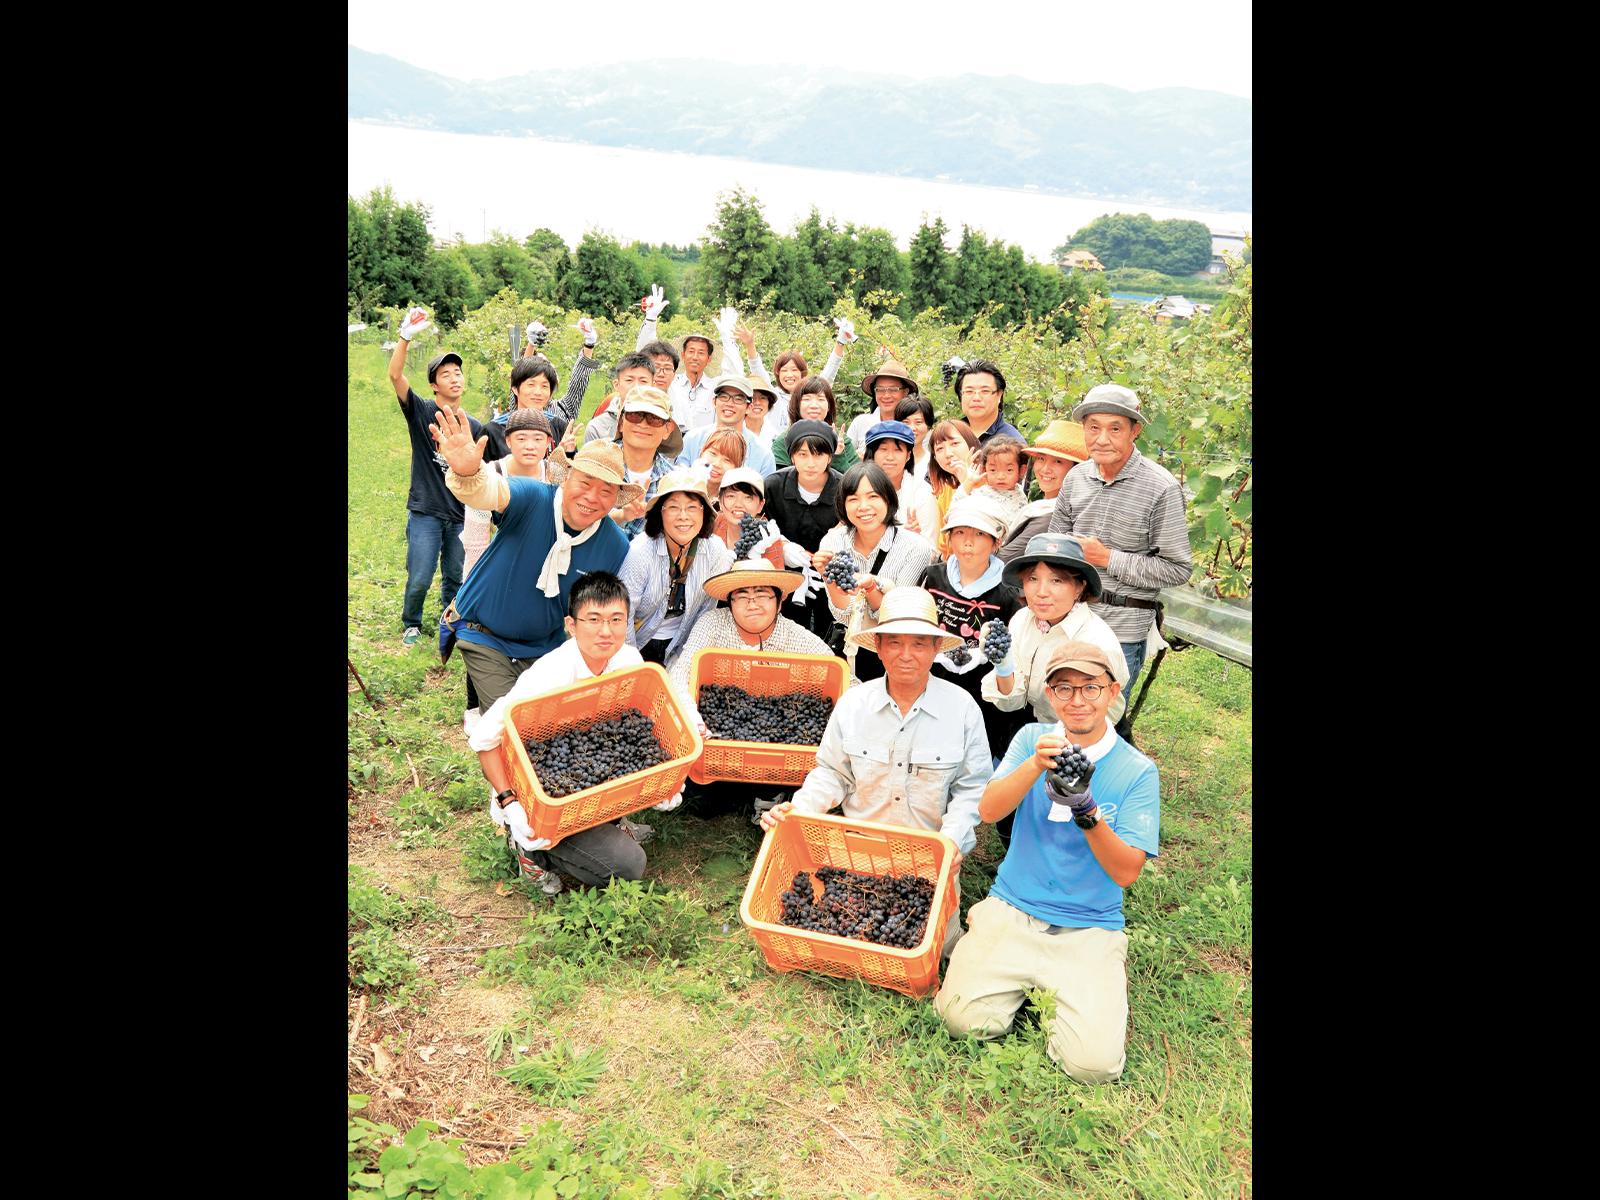 『大三島みんなのワイナリー』では、シャルドネ、マスカット・ベーリーA、ヴィオニエ、メルロー、カヴェルネ・ソーヴィニヨンの5品種のブドウを栽培。収穫はすべて手作業。また、苗木オーナー制度などで、全国からワイナリーの支援者を募り、毎年9月に収穫祭を開催している。